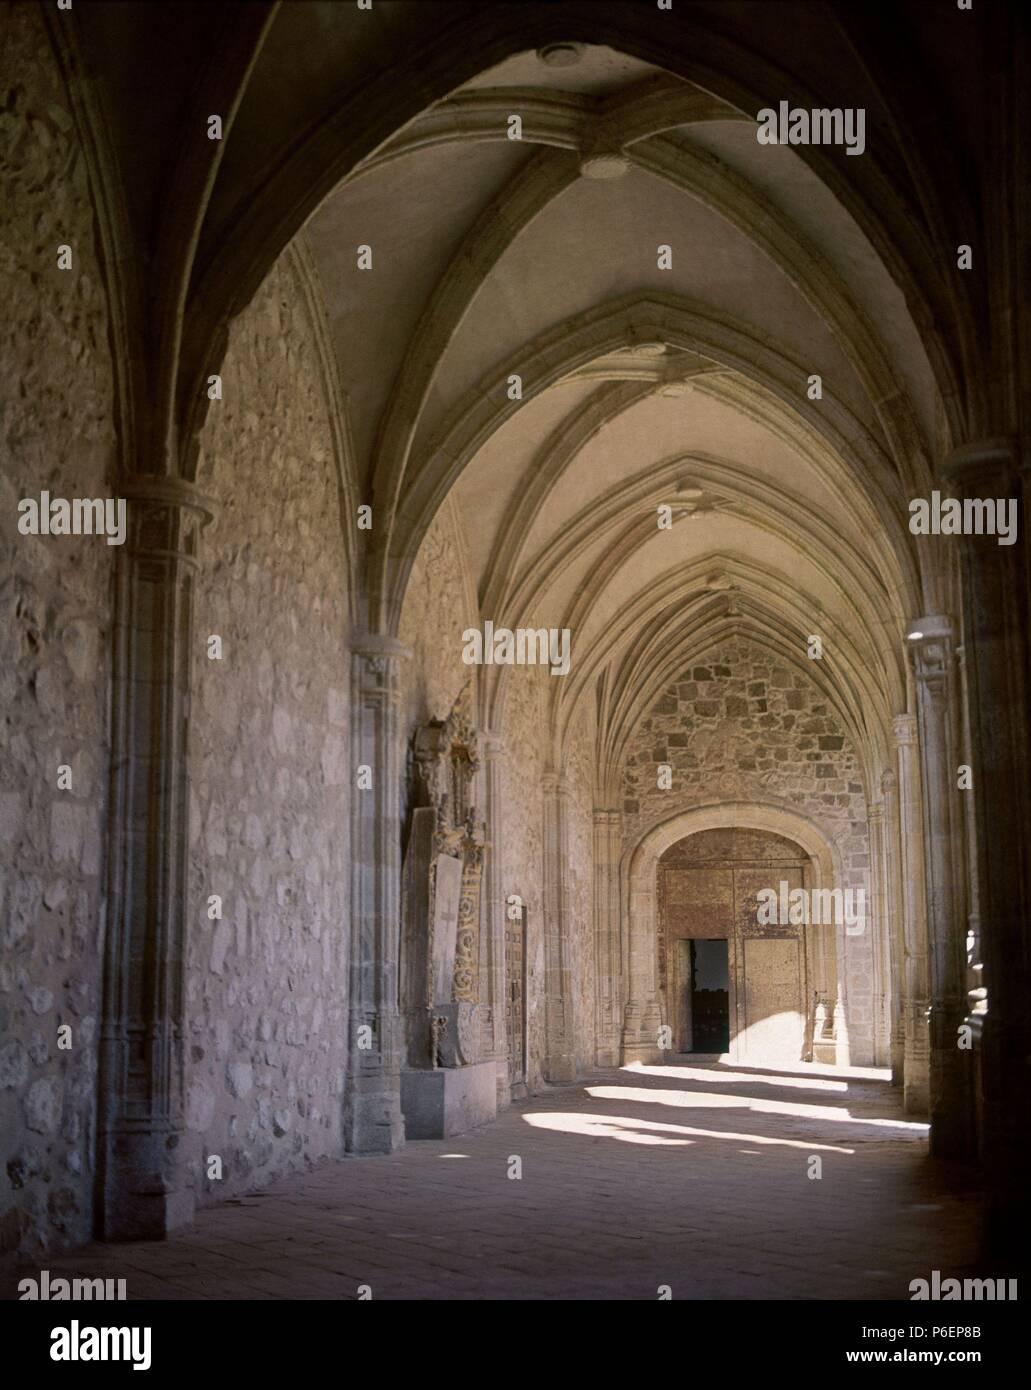 NAVE del claustro. Ubicación: Iglesia colegial DE SANTA MARÍA LA MAYOR, TOLEDO, España. Imagen De Stock